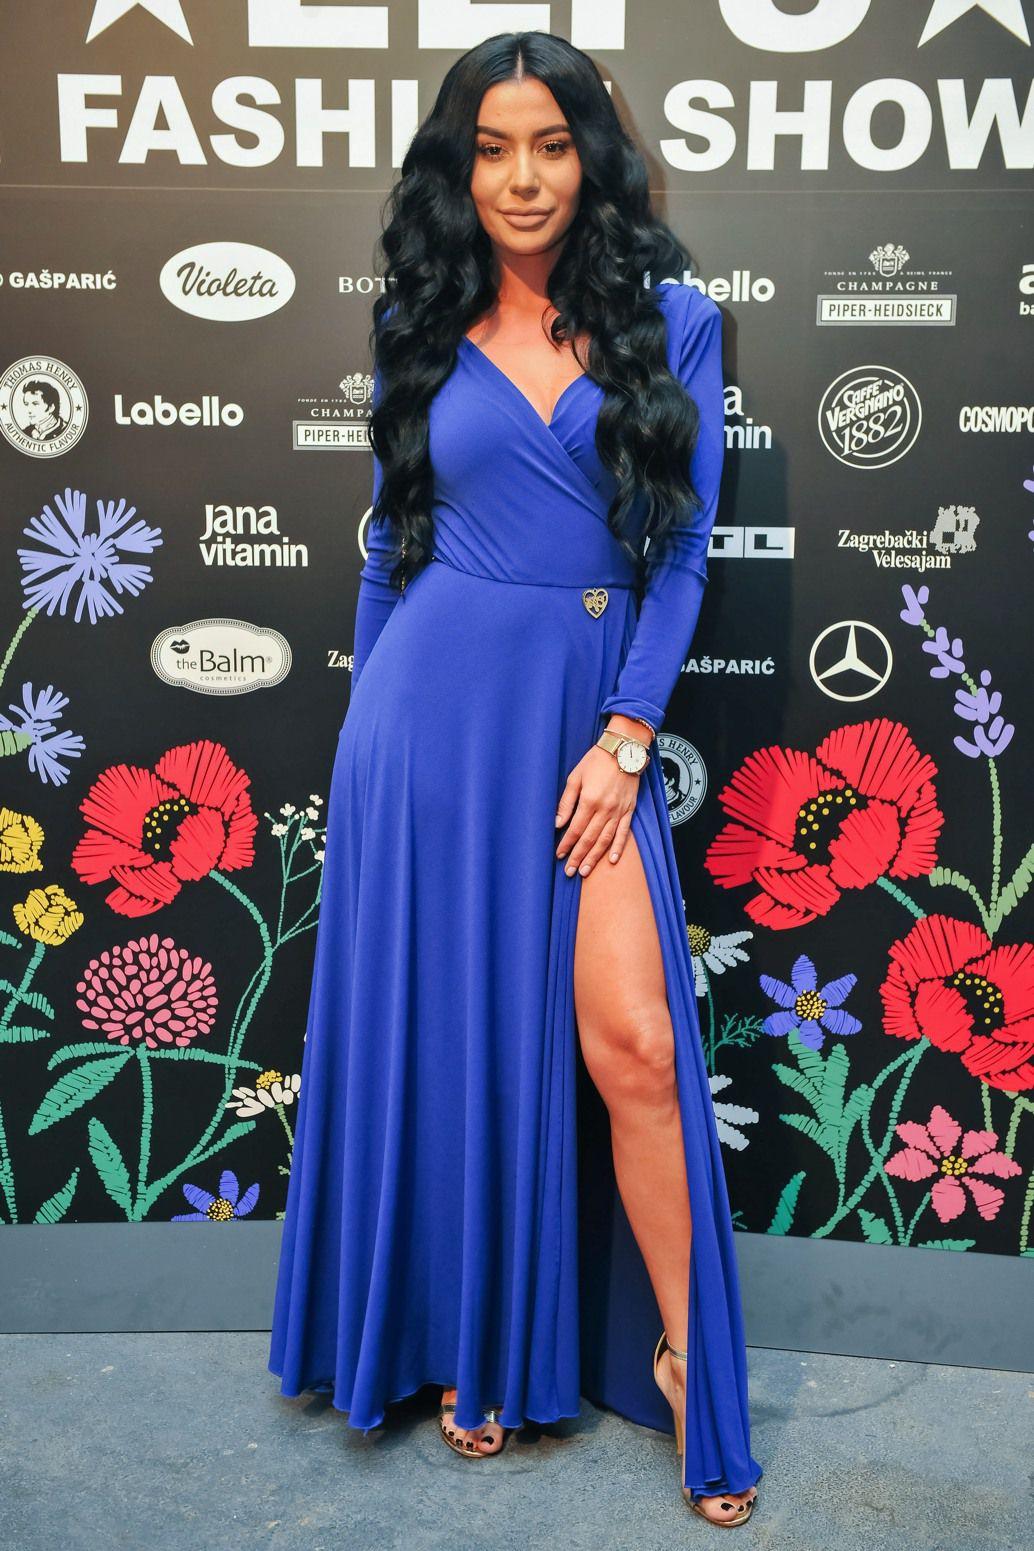 Hrvatska Kim Kardashian ili Ivana Mišerić - koja dama bolje nosi dizajnersku haljinu?